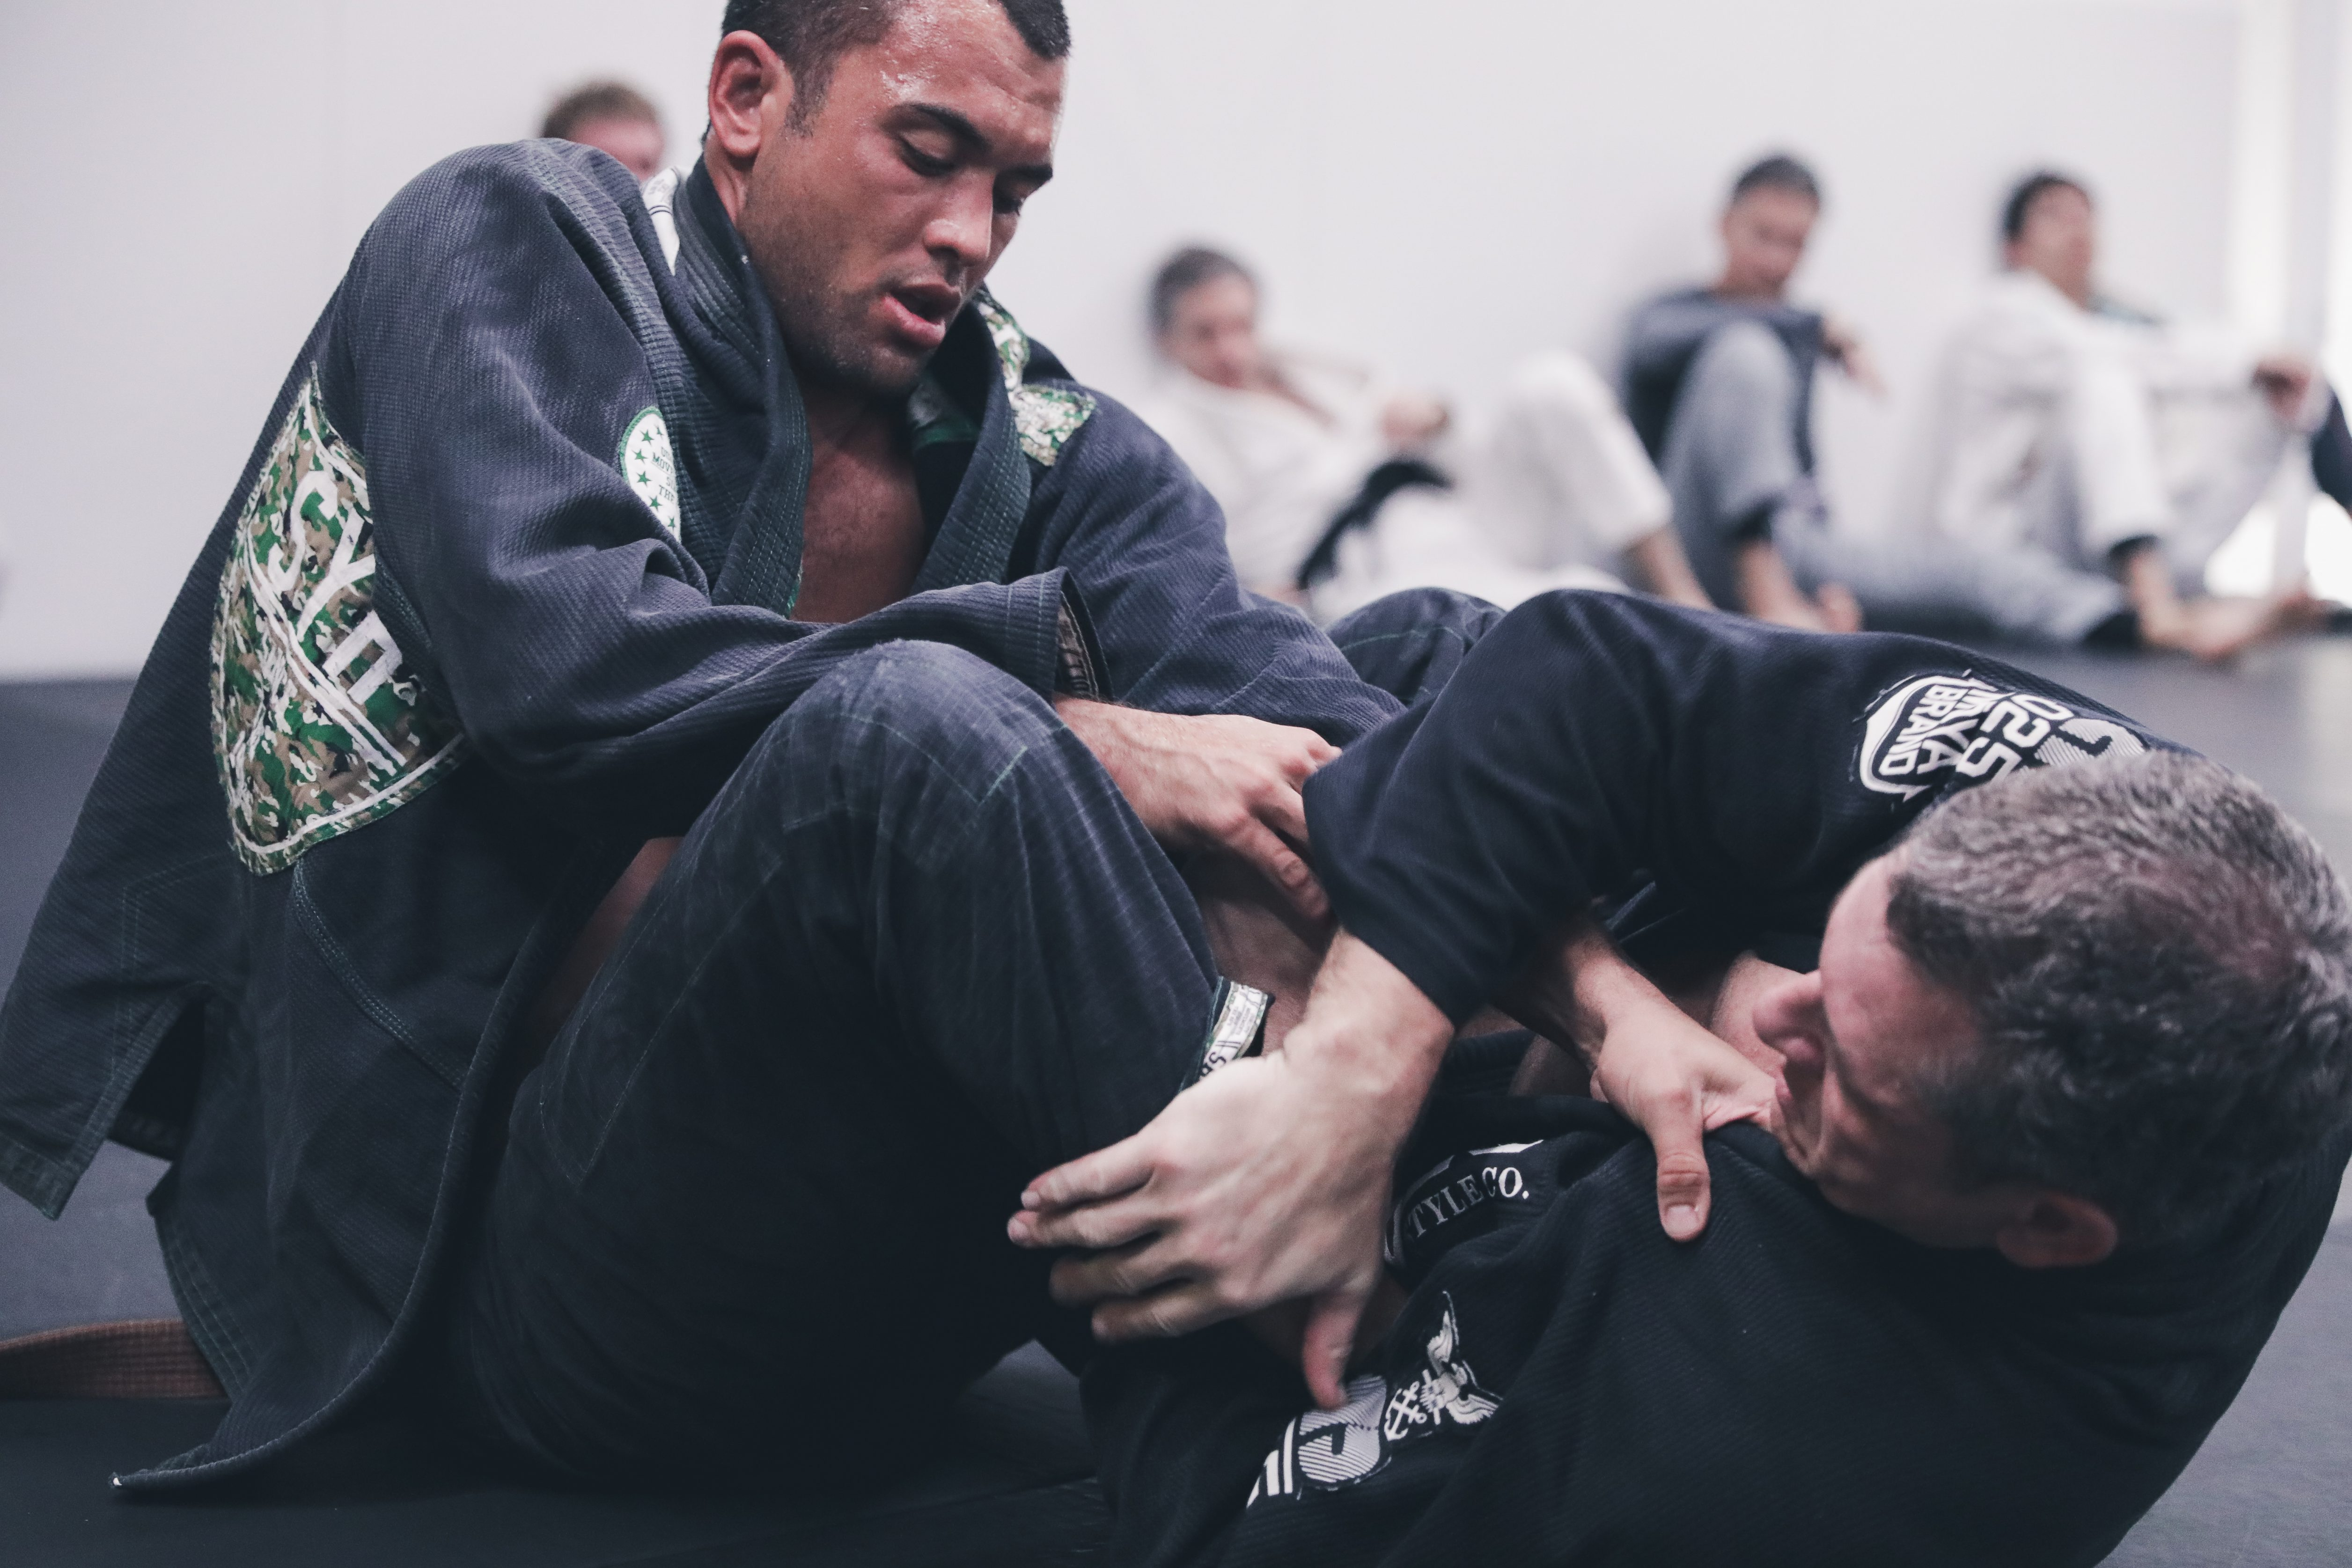 Hawaii Jiu Jitsu